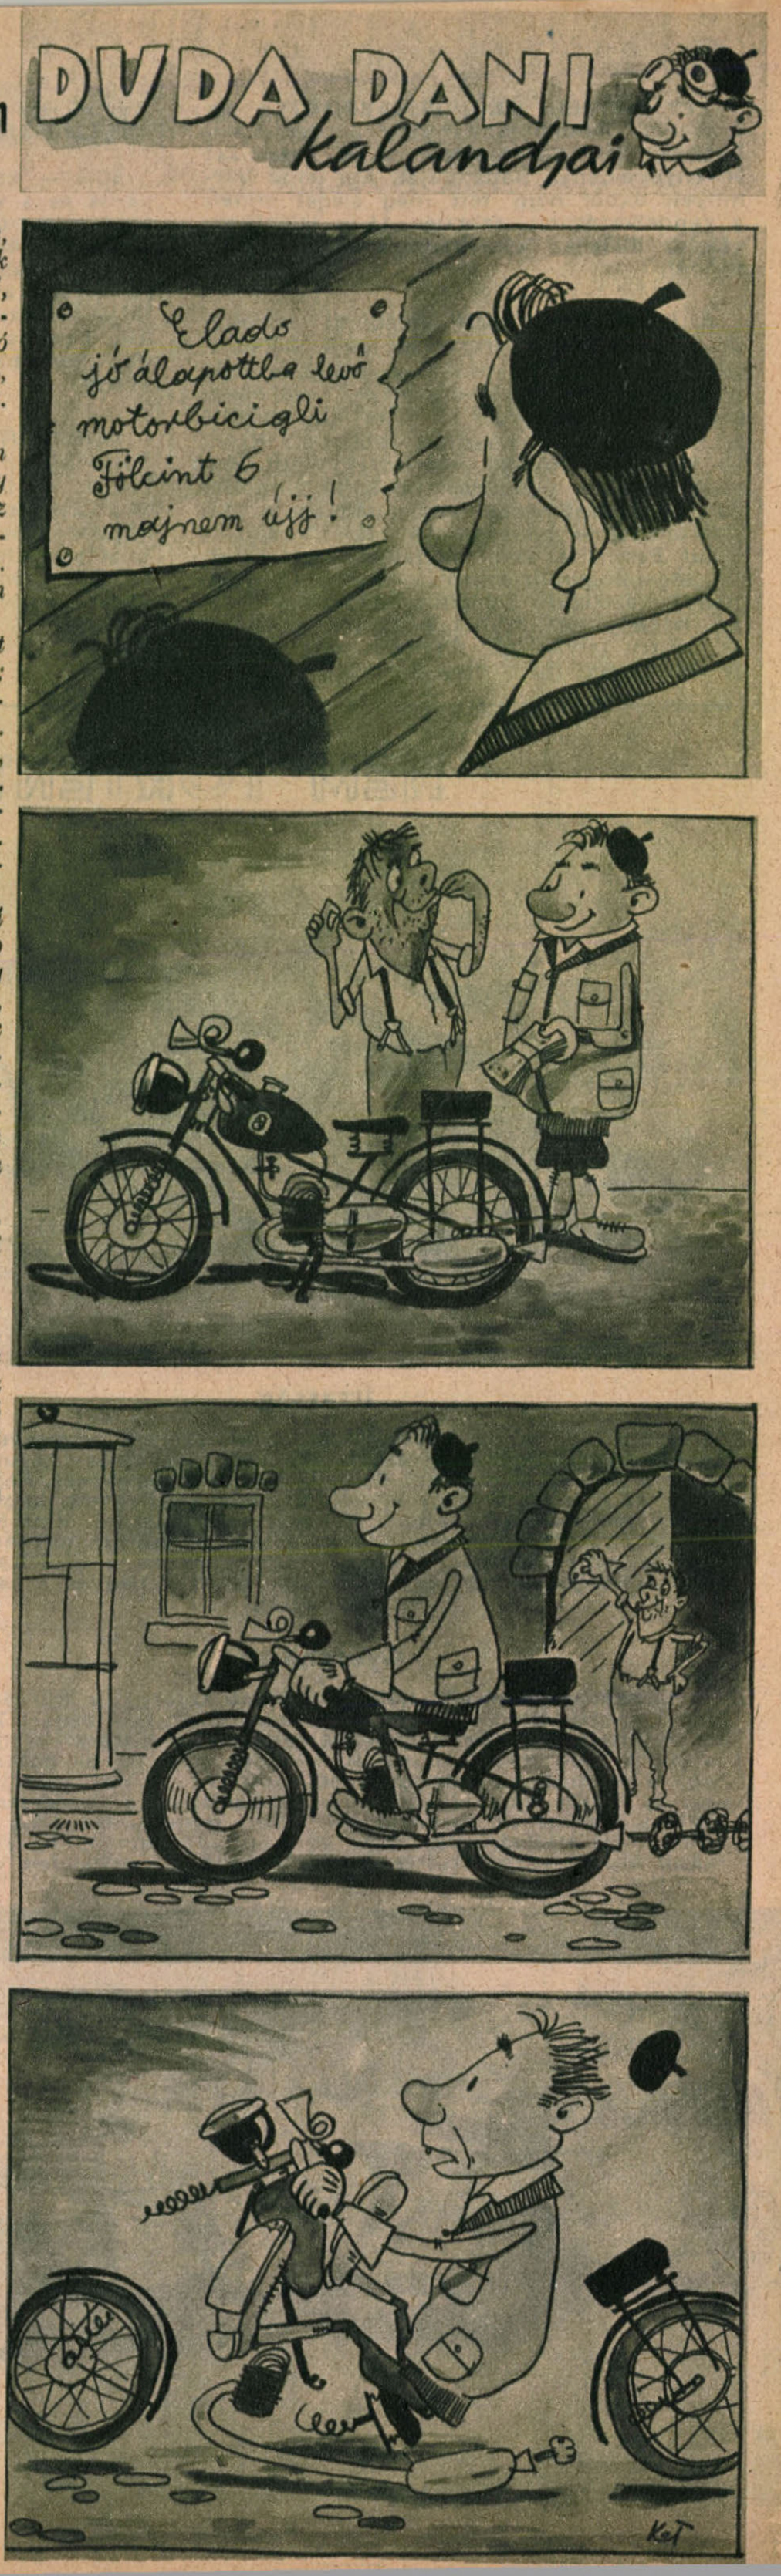 dudadani1957-1.jpg